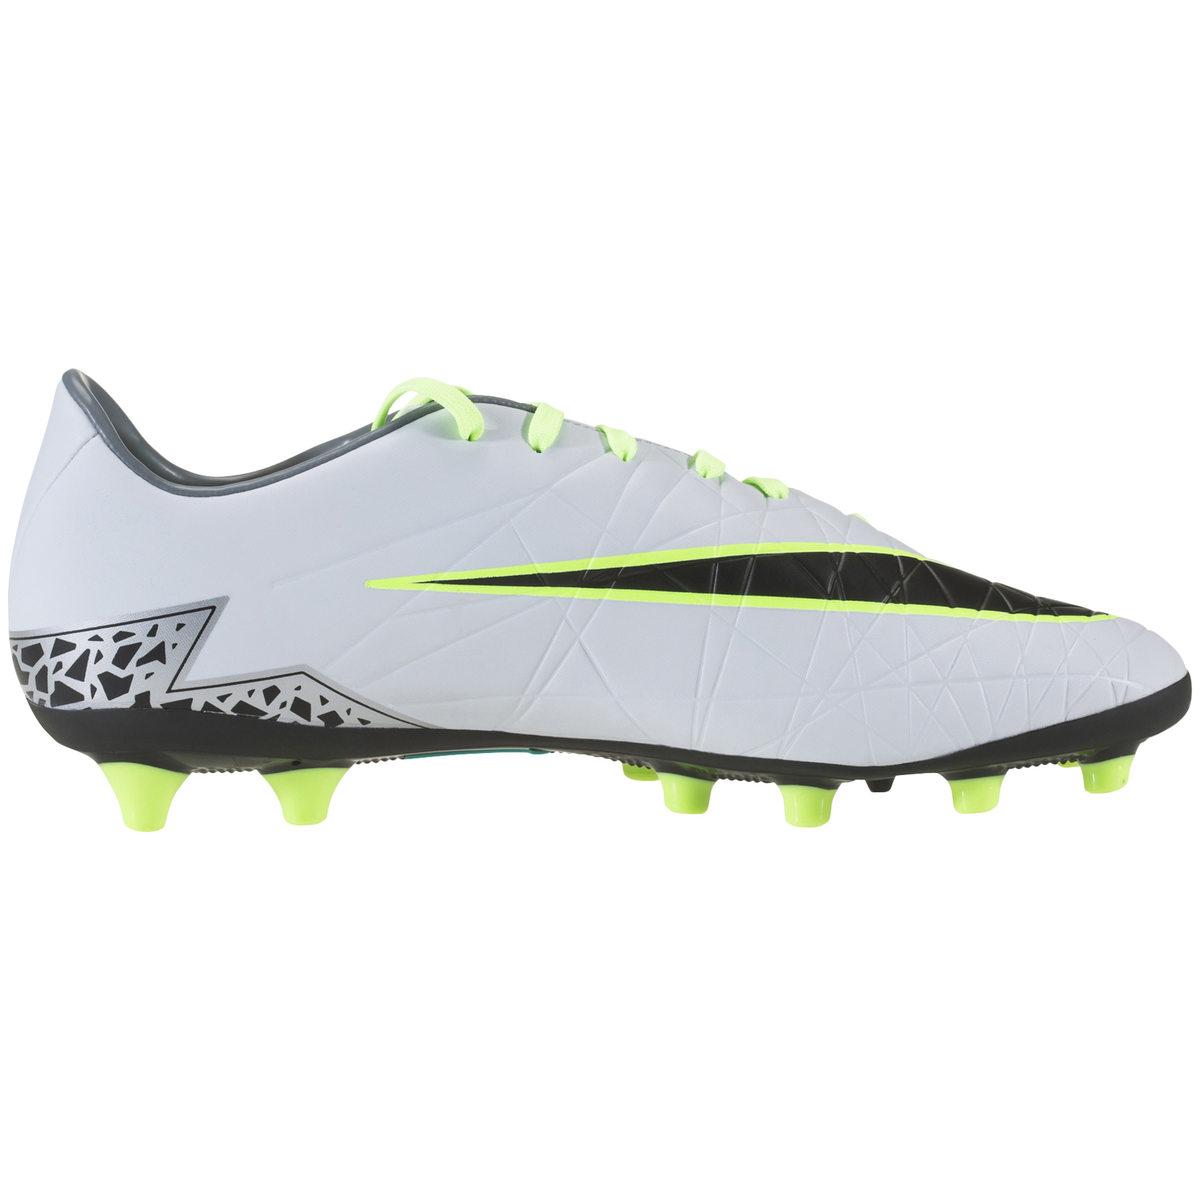 lowest price 0023d c6907 nike hypervenom phelon ii ag q3 16 fotbollssko senior fotbollsskor